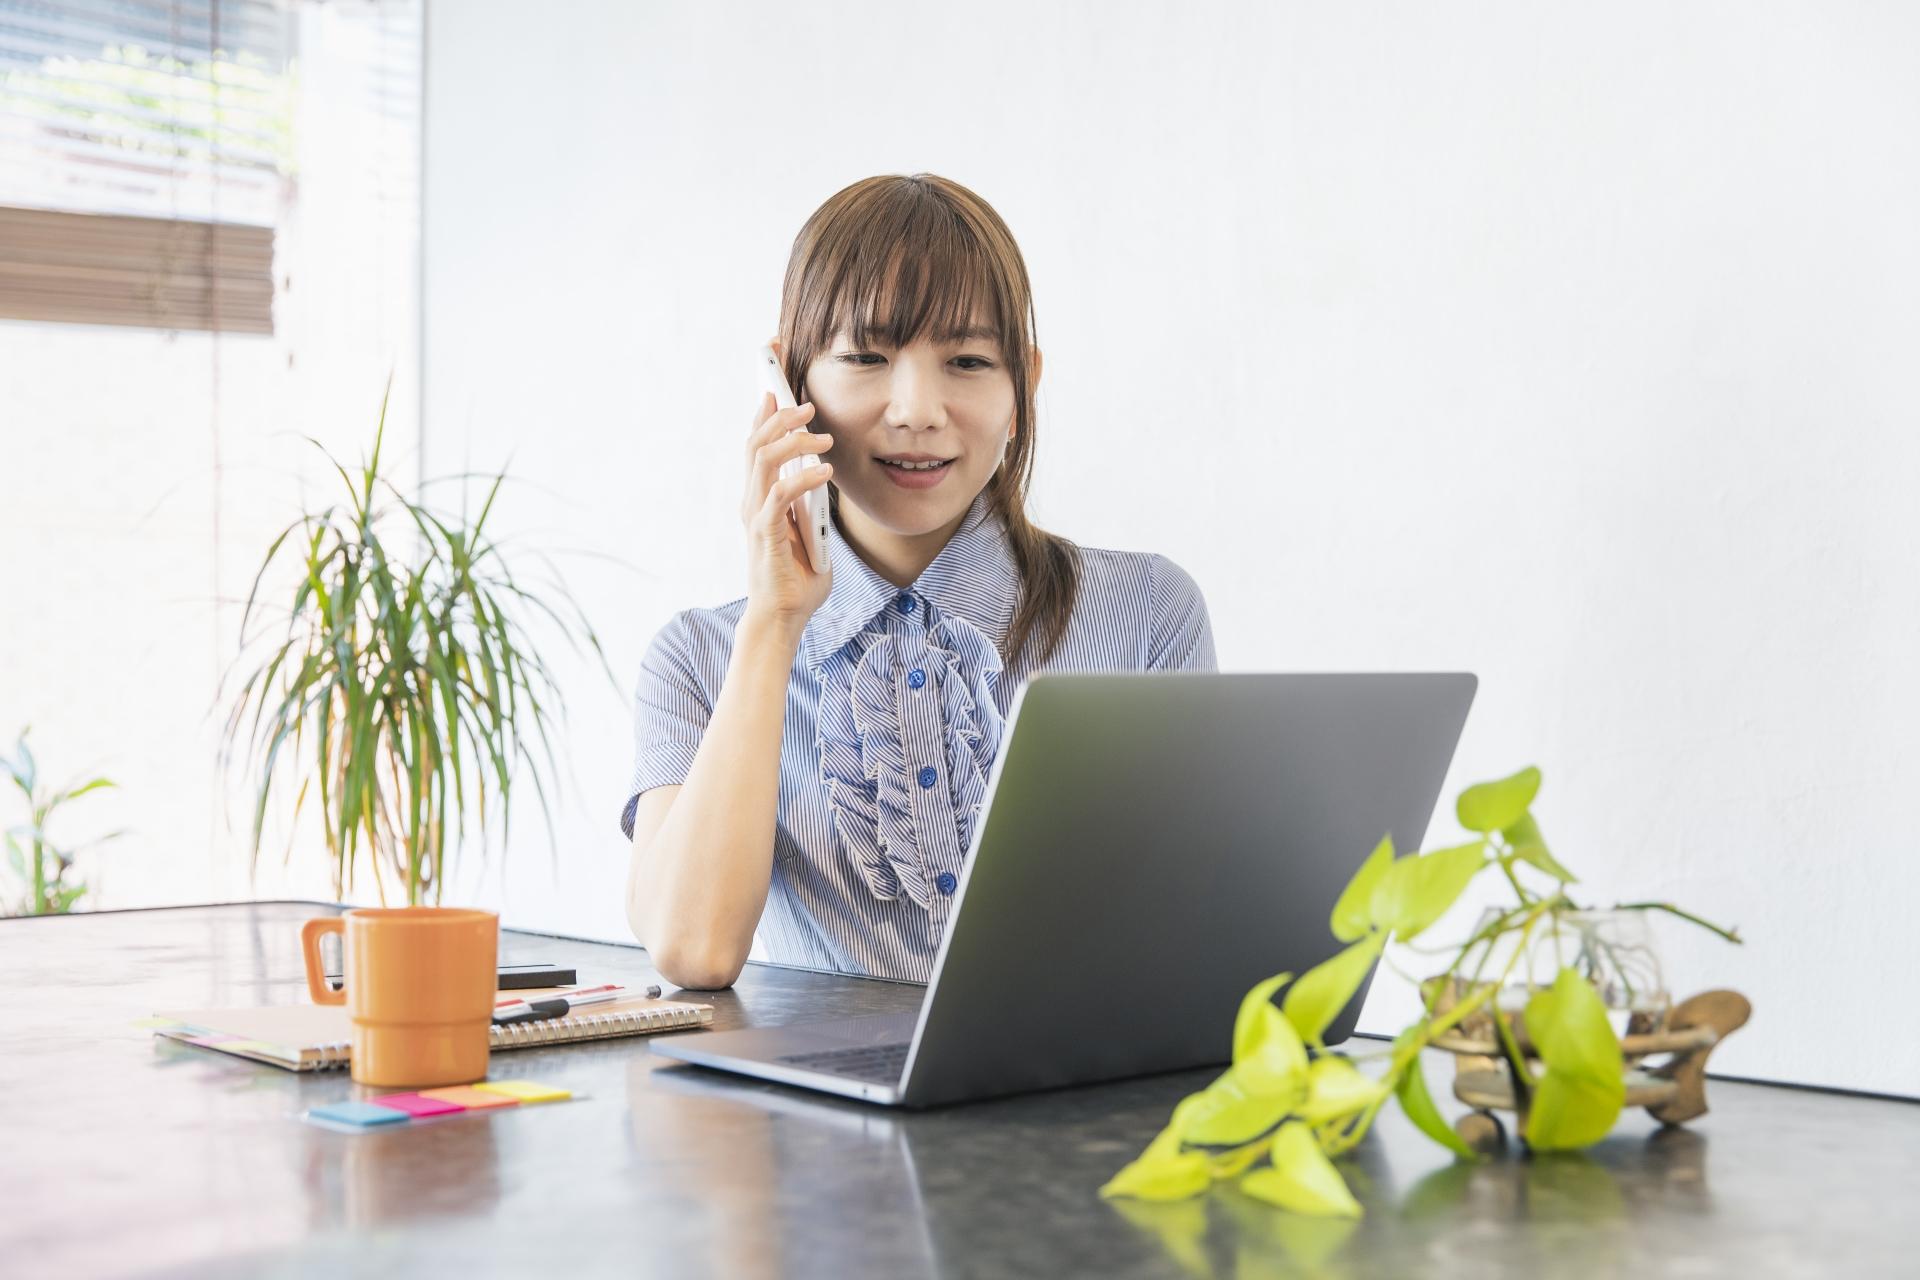 オフィスの縮小・テレワーク用のサテライトオフィスを導入する企業の増加